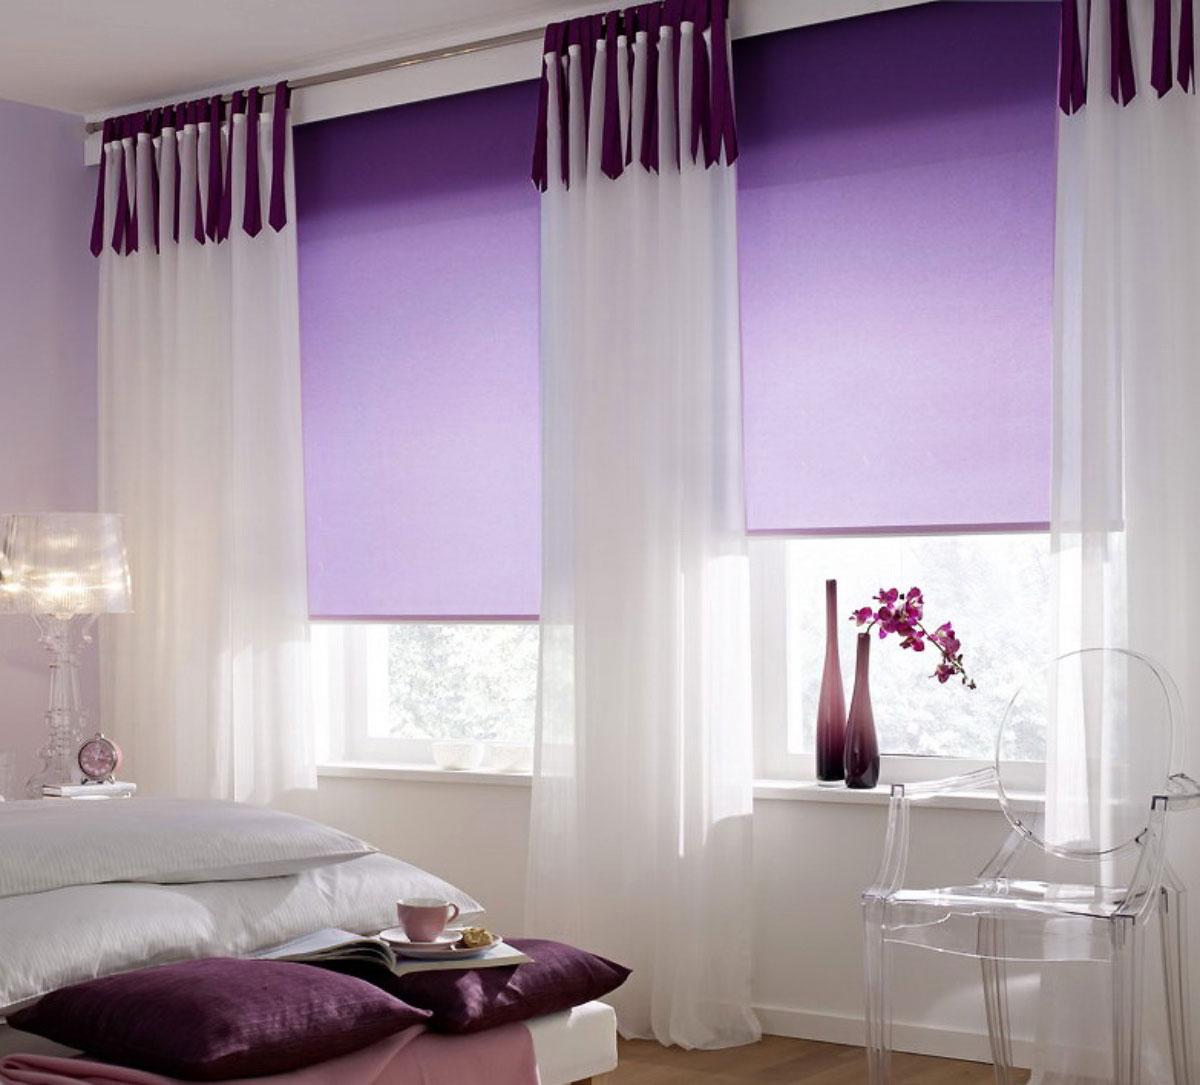 Штора рулонная KauffOrt Миниролло, цвет: фиолетовый, ширина 115 см, высота 170 см98299571Рулонная штора Миниролло выполнена из высокопрочной ткани, которая сохраняет свой размер даже при намокании. Ткань не выцветает и обладает отличной цветоустойчивостью.Миниролло - это подвид рулонных штор, который закрывает не весь оконный проем, а непосредственно само стекло. Такие шторы крепятся на раму без сверления при помощи зажимов или клейкой двухсторонней ленты (в комплекте). Окно остается на гарантии, благодаря монтажу без сверления. Такая штора станет прекрасным элементом декора окна и гармонично впишется в интерьер любого помещения.